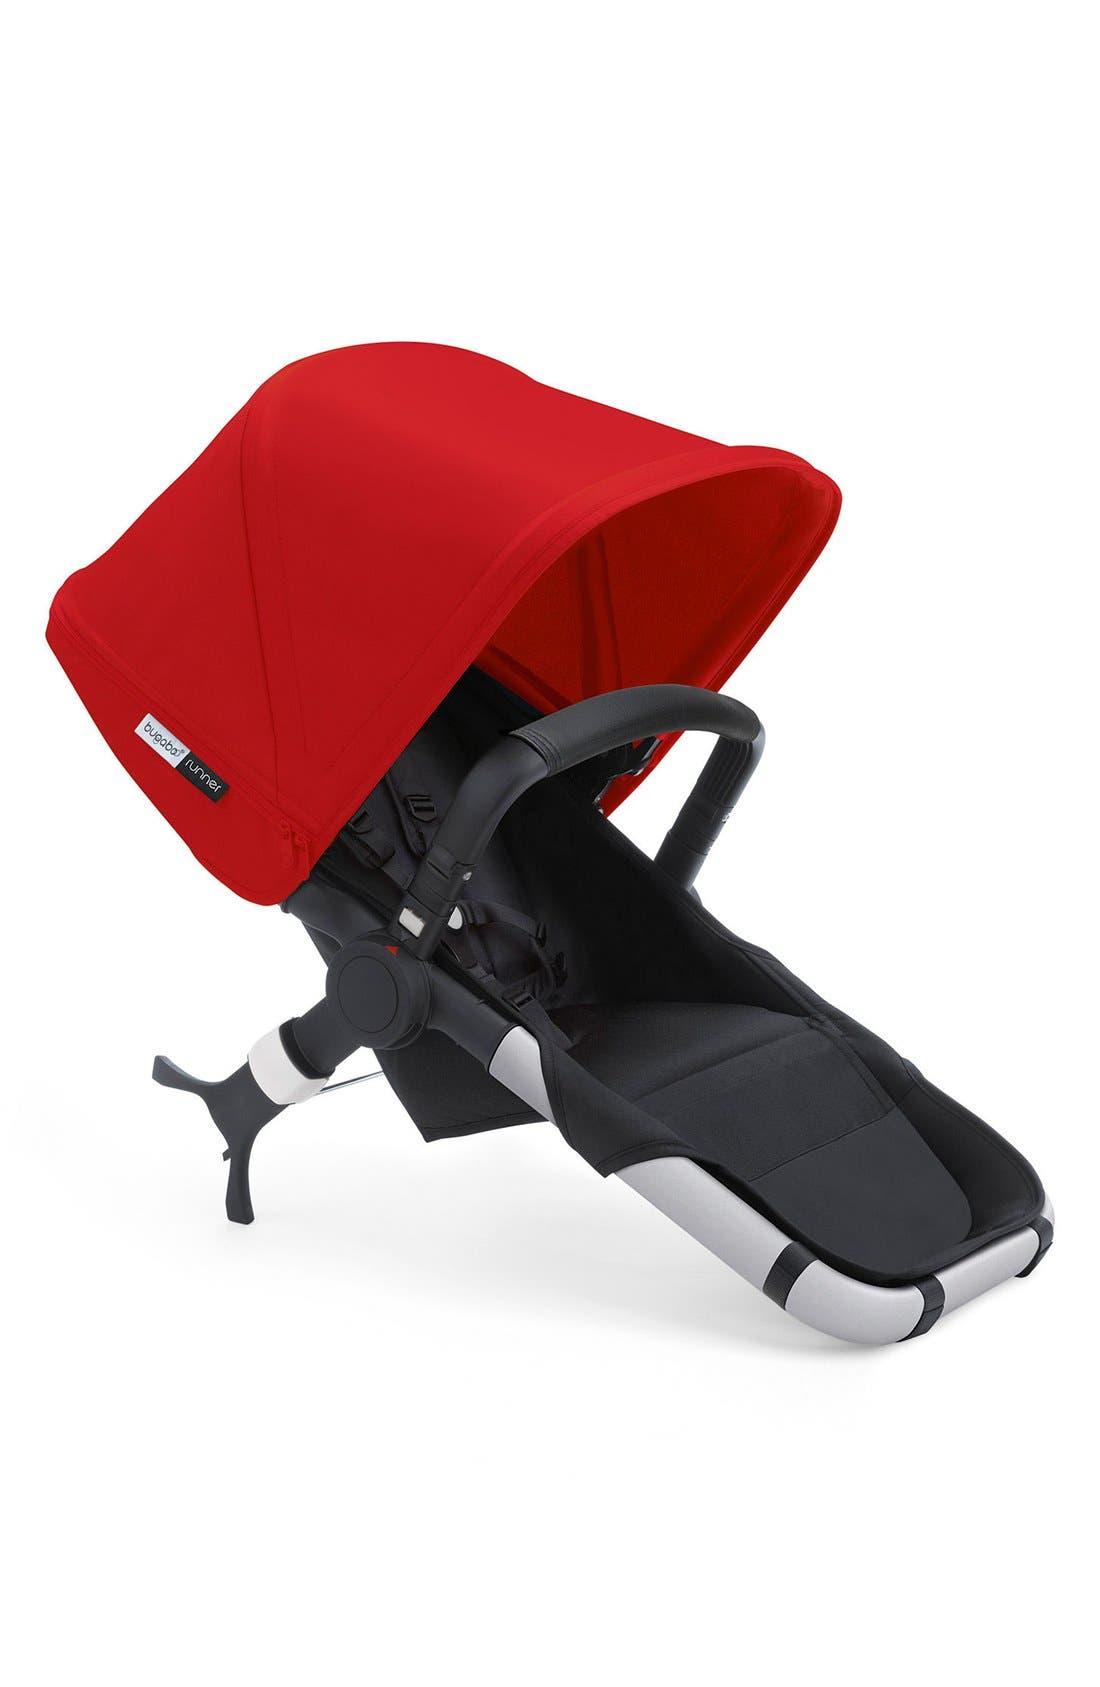 Runner Seat for Bugaboo Runner Stroller,                             Main thumbnail 1, color,                             BLACK/ RED